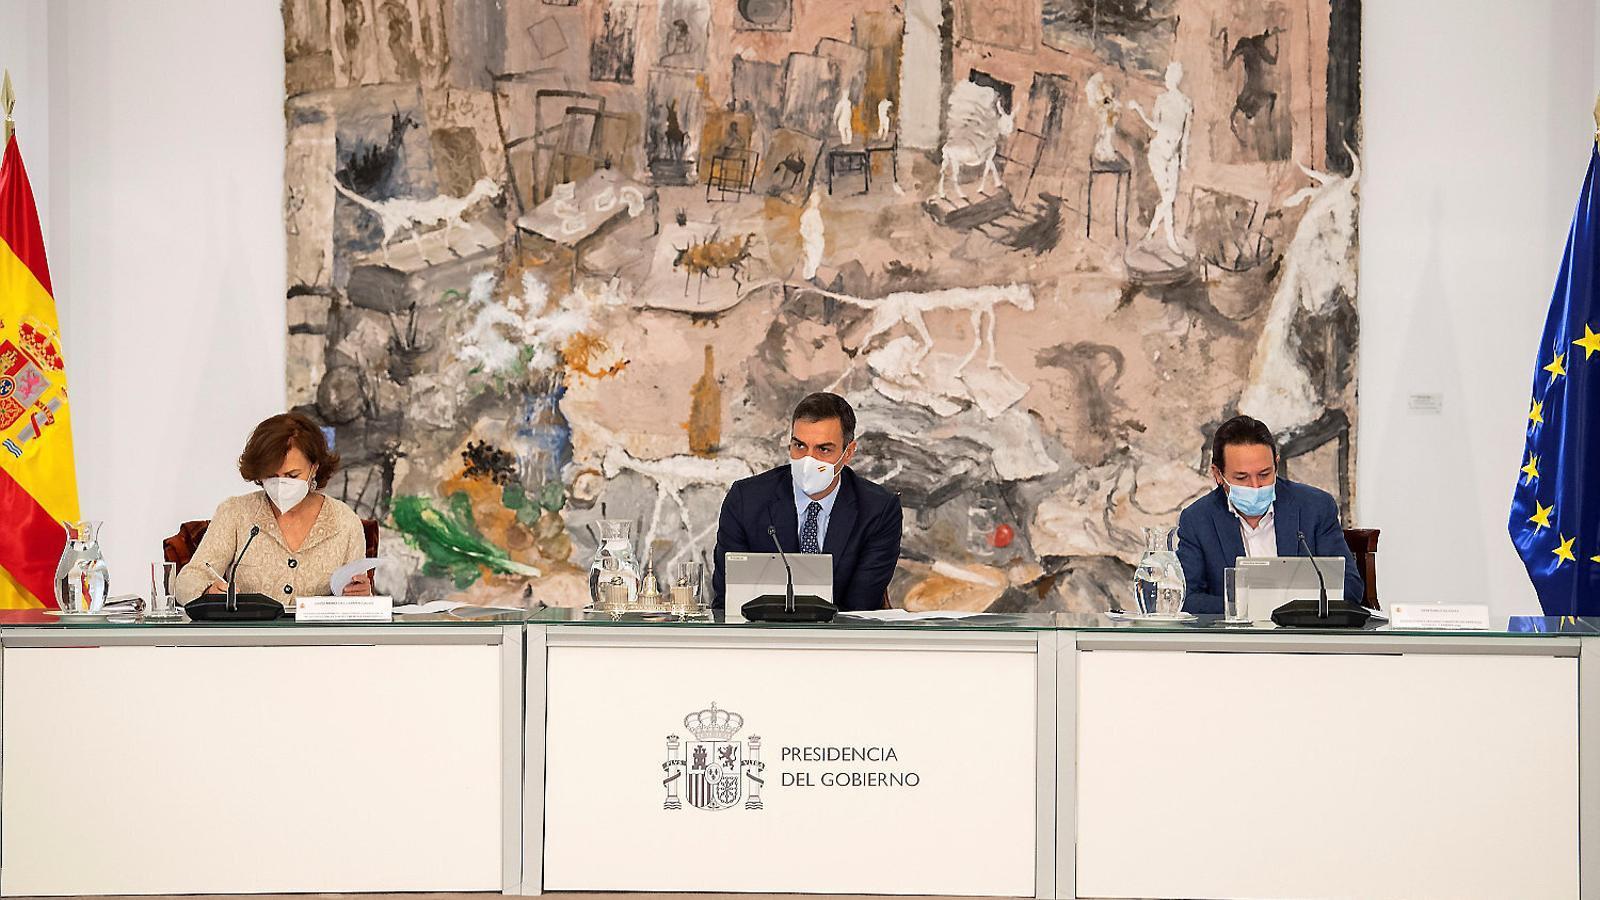 EN DIRECTE | Sánchez i Iglesias presenten les claus dels pressupostos